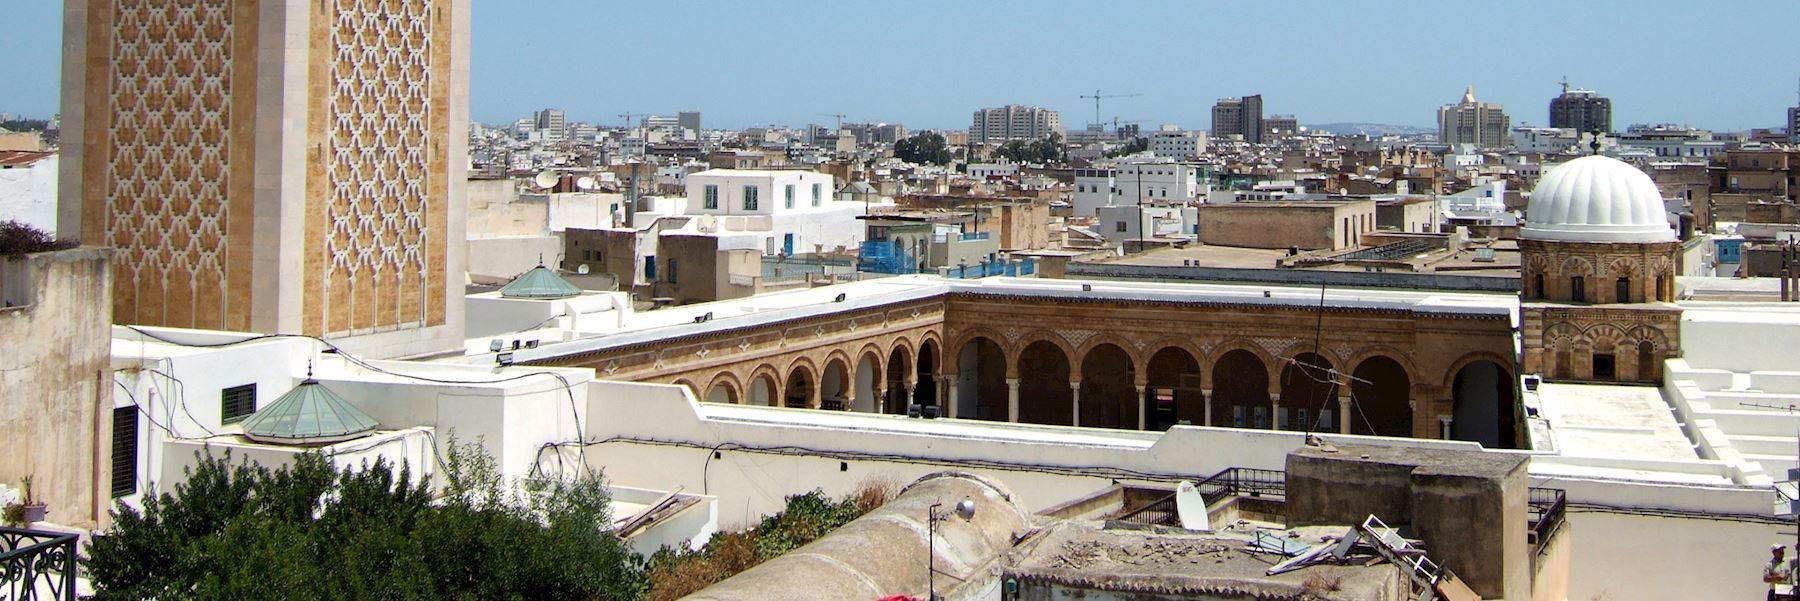 Visit Tunis, Tunisia